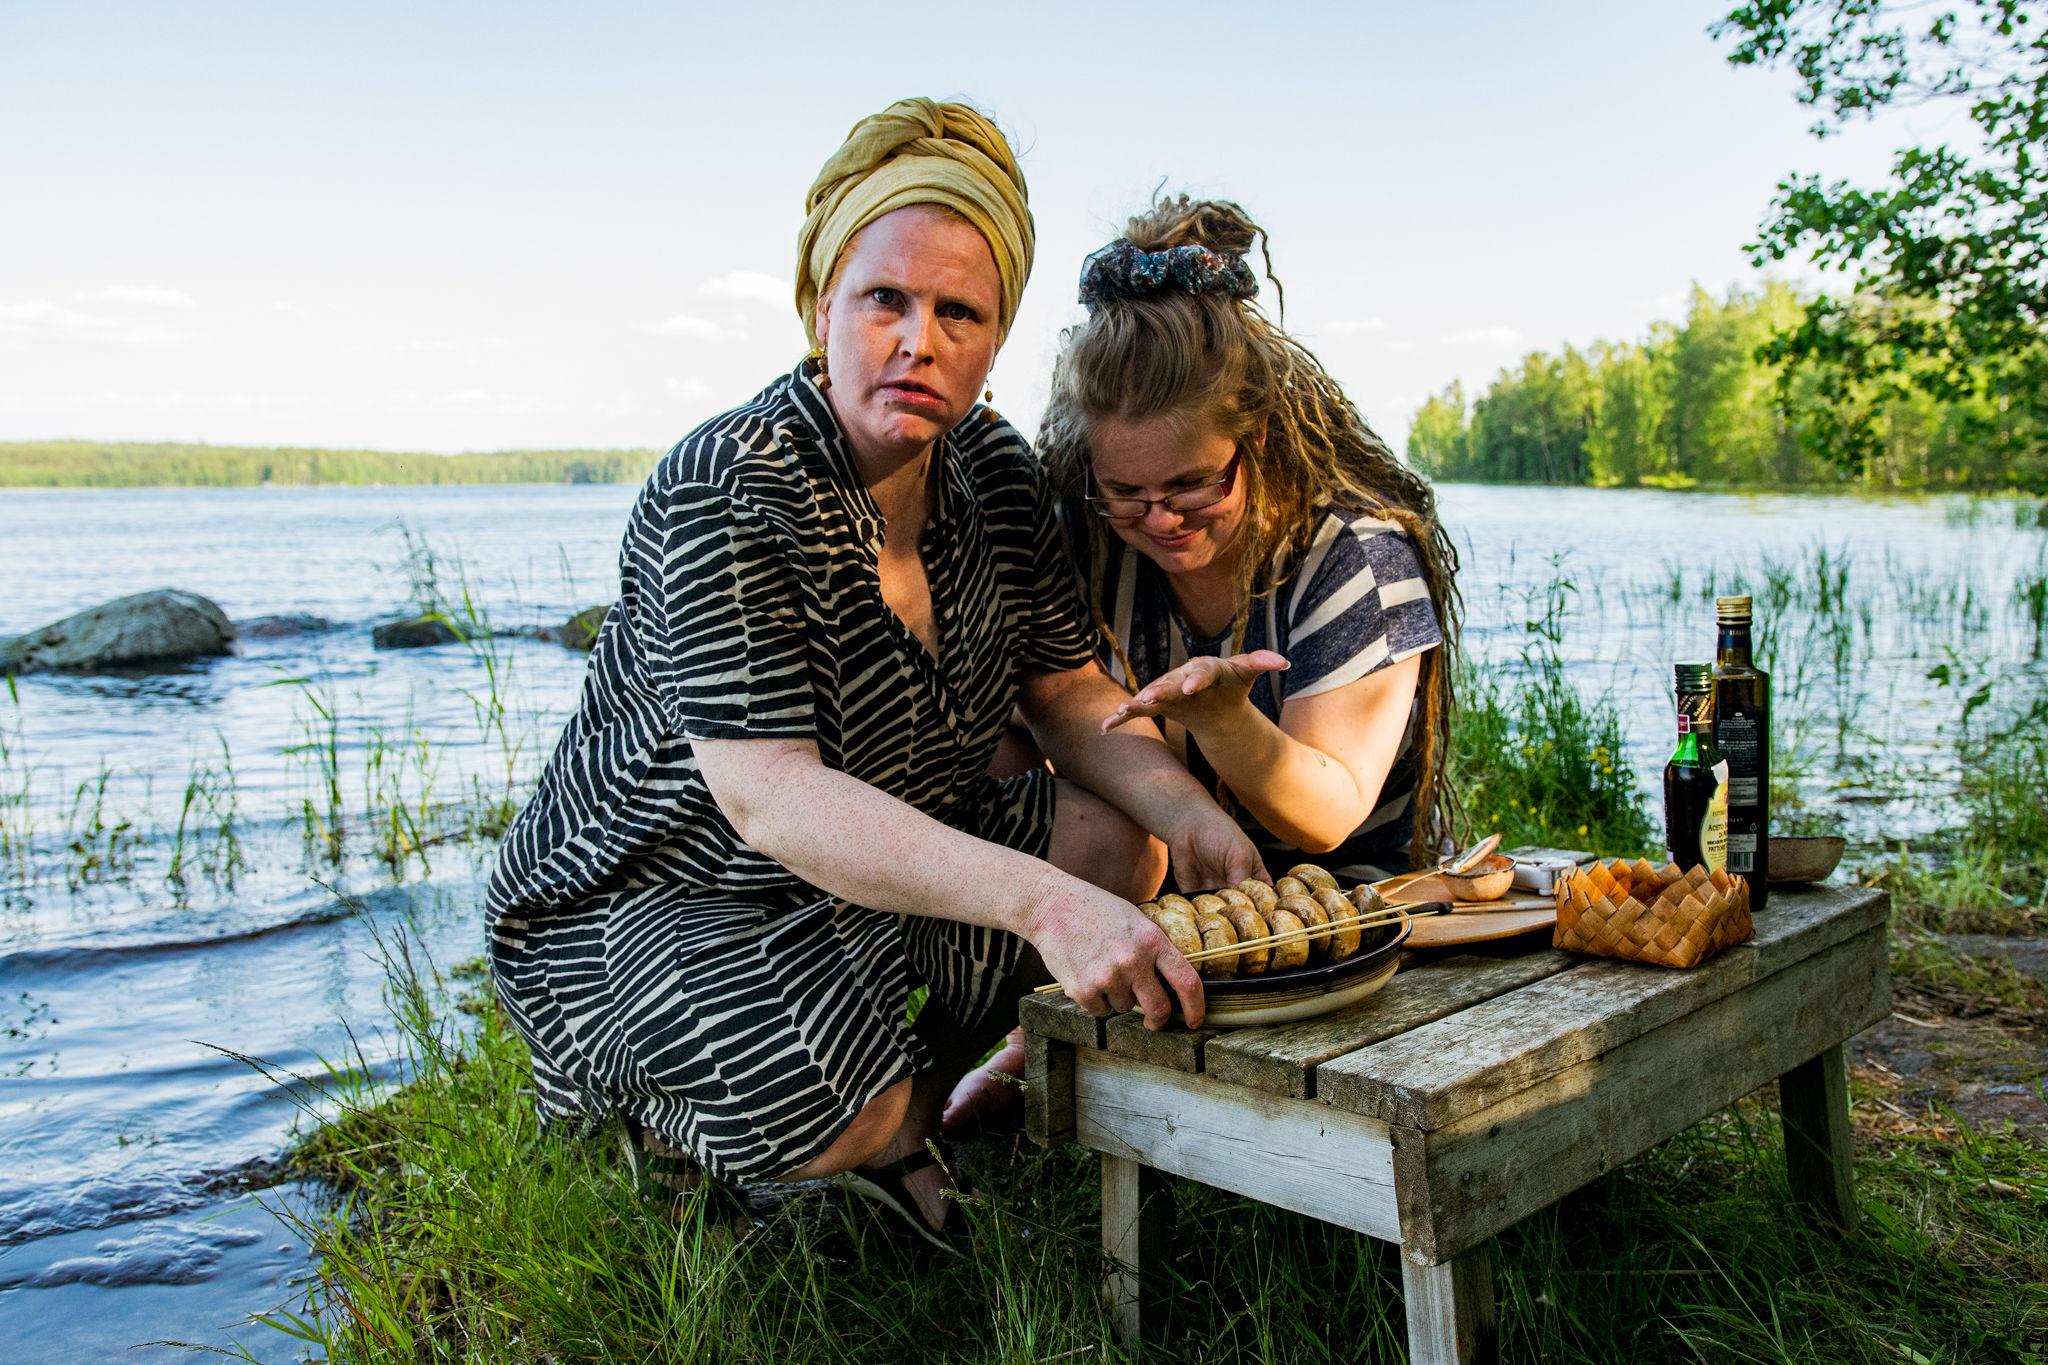 stiina and marianne making saimaalife grilled mushroom skewers